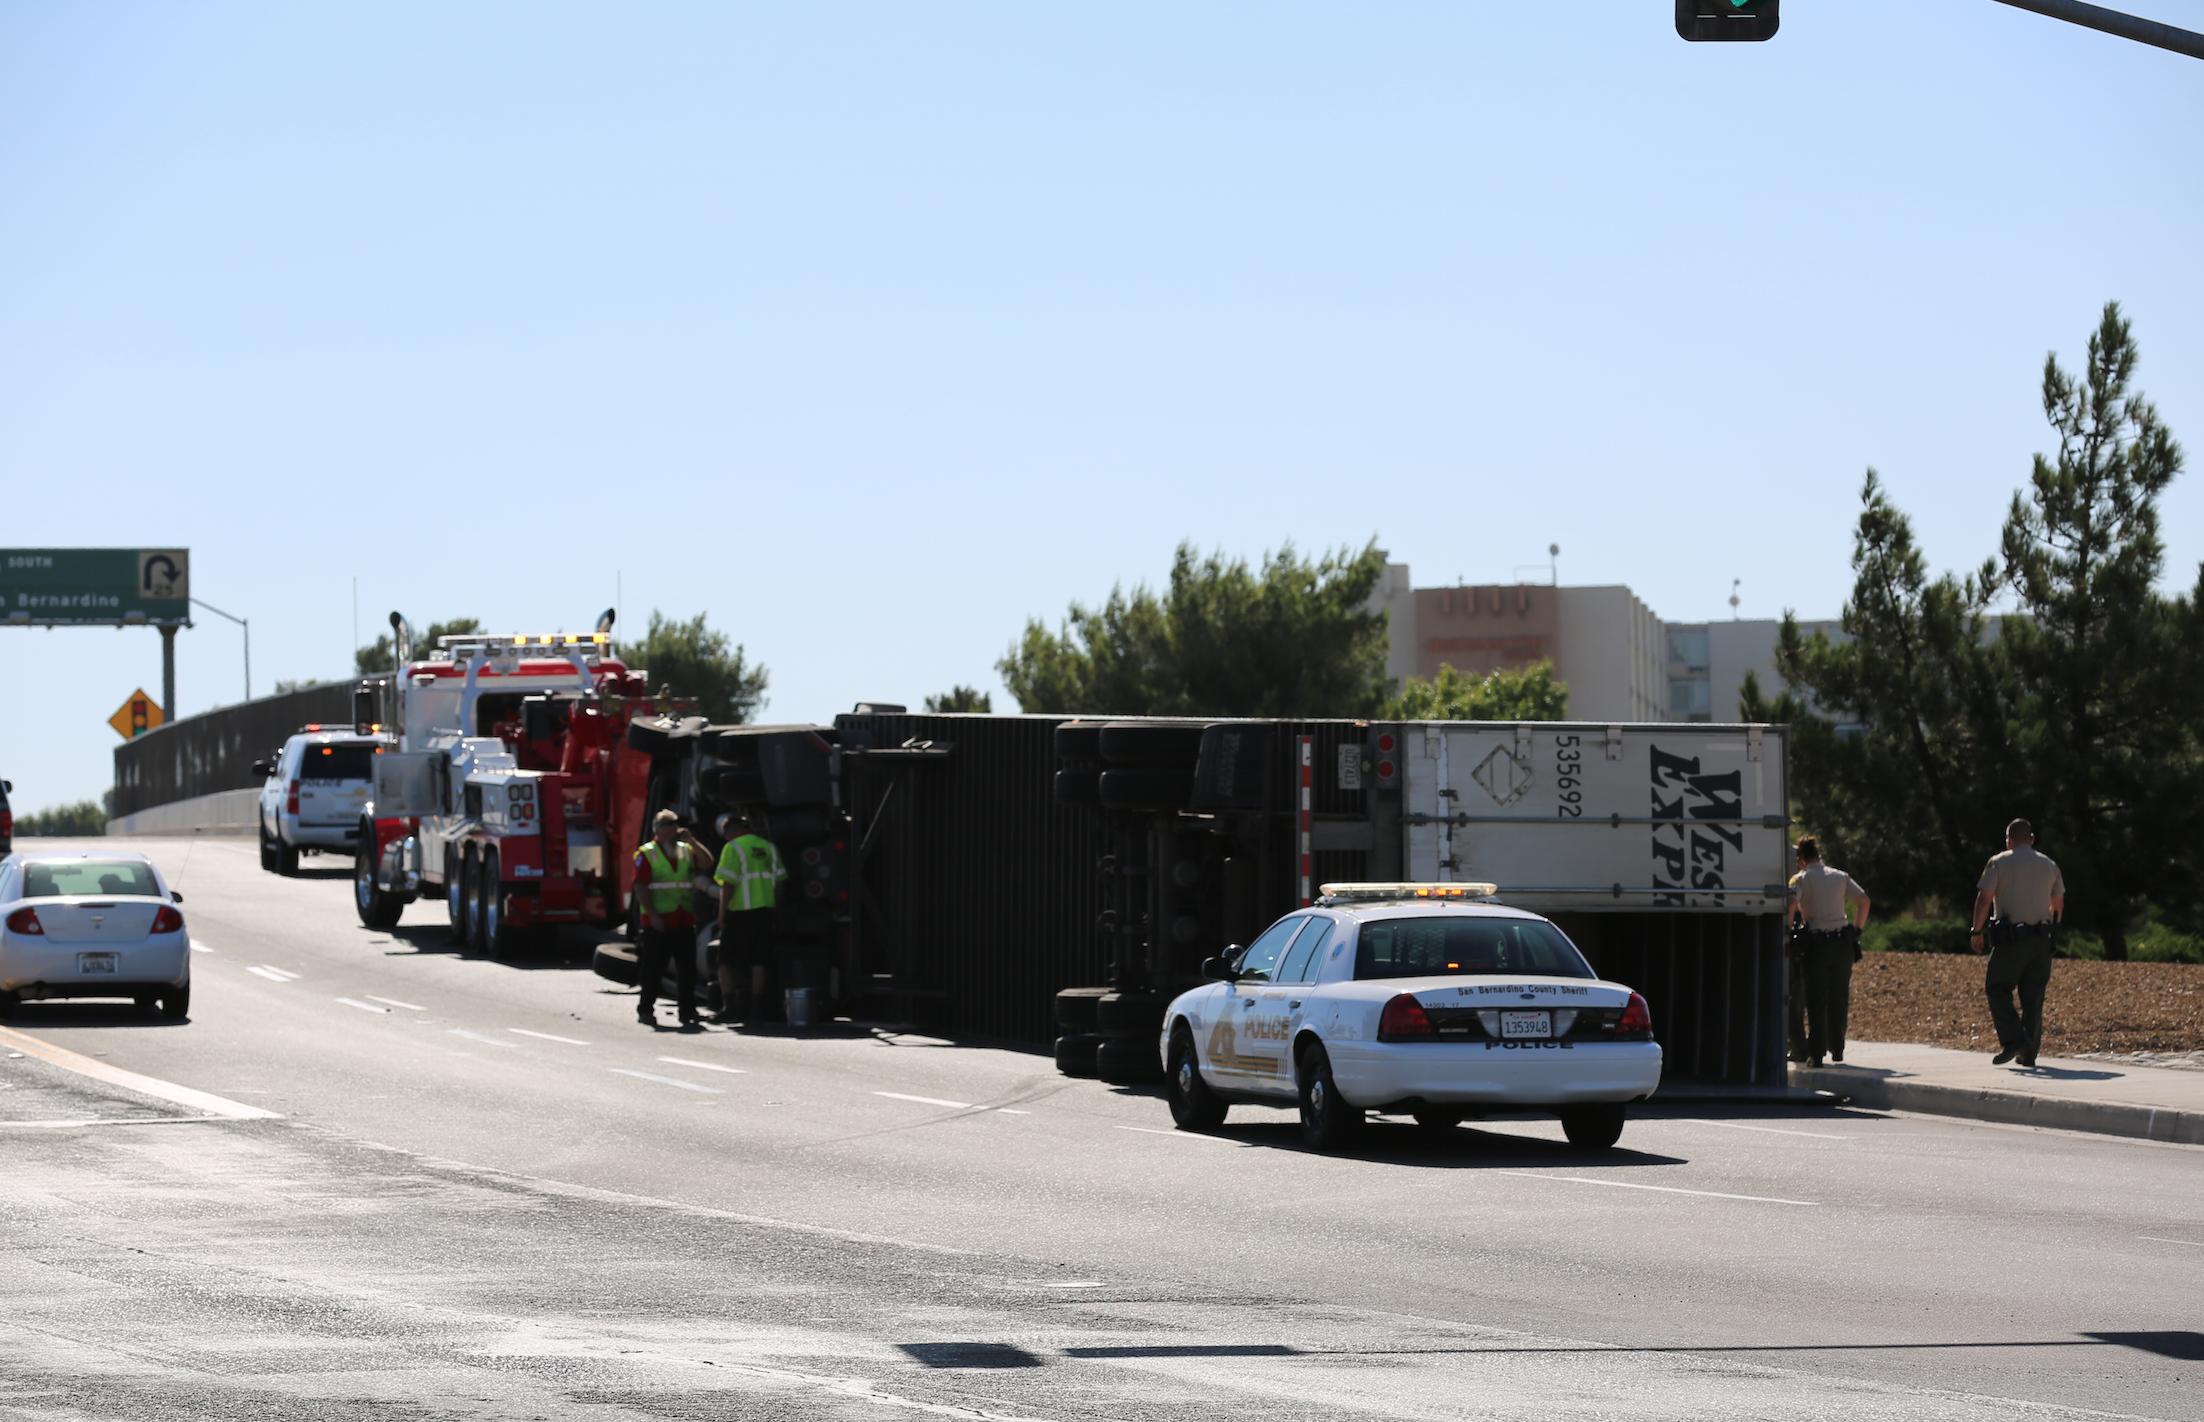 truck overturned